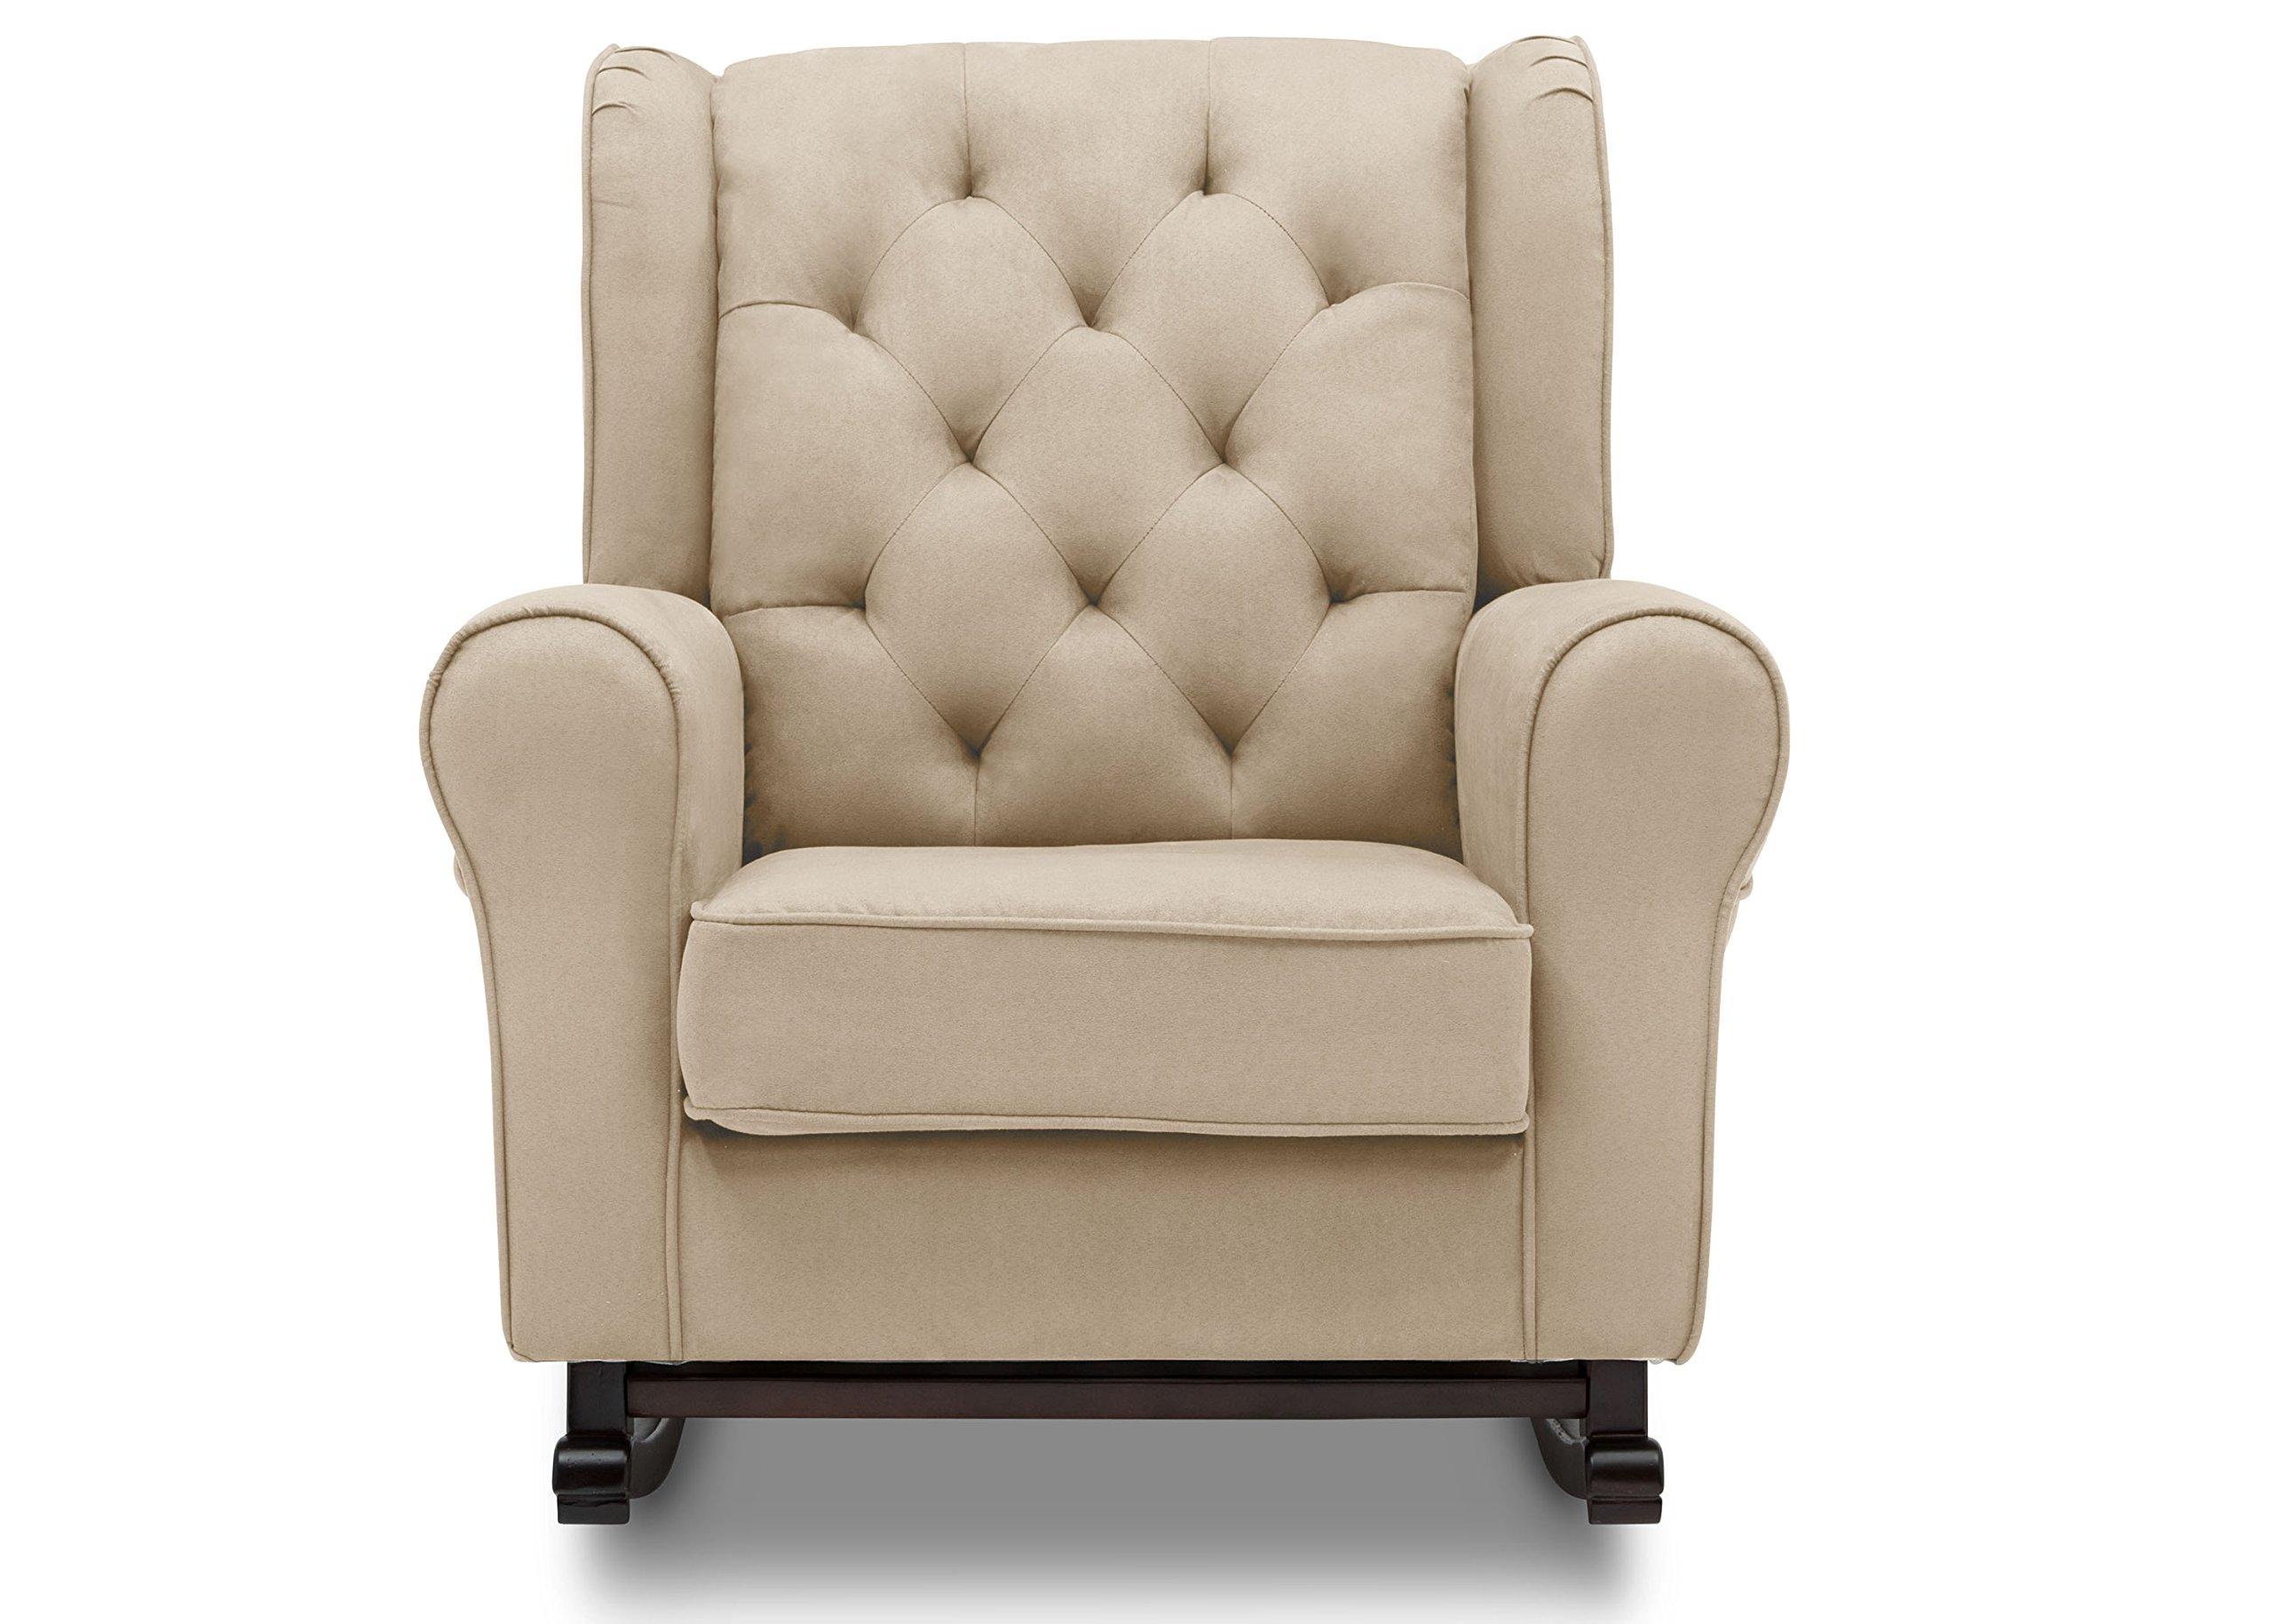 Delta Furniture Emma Upholstered Rocking Chair, Ecru by Delta Furniture (Image #3)